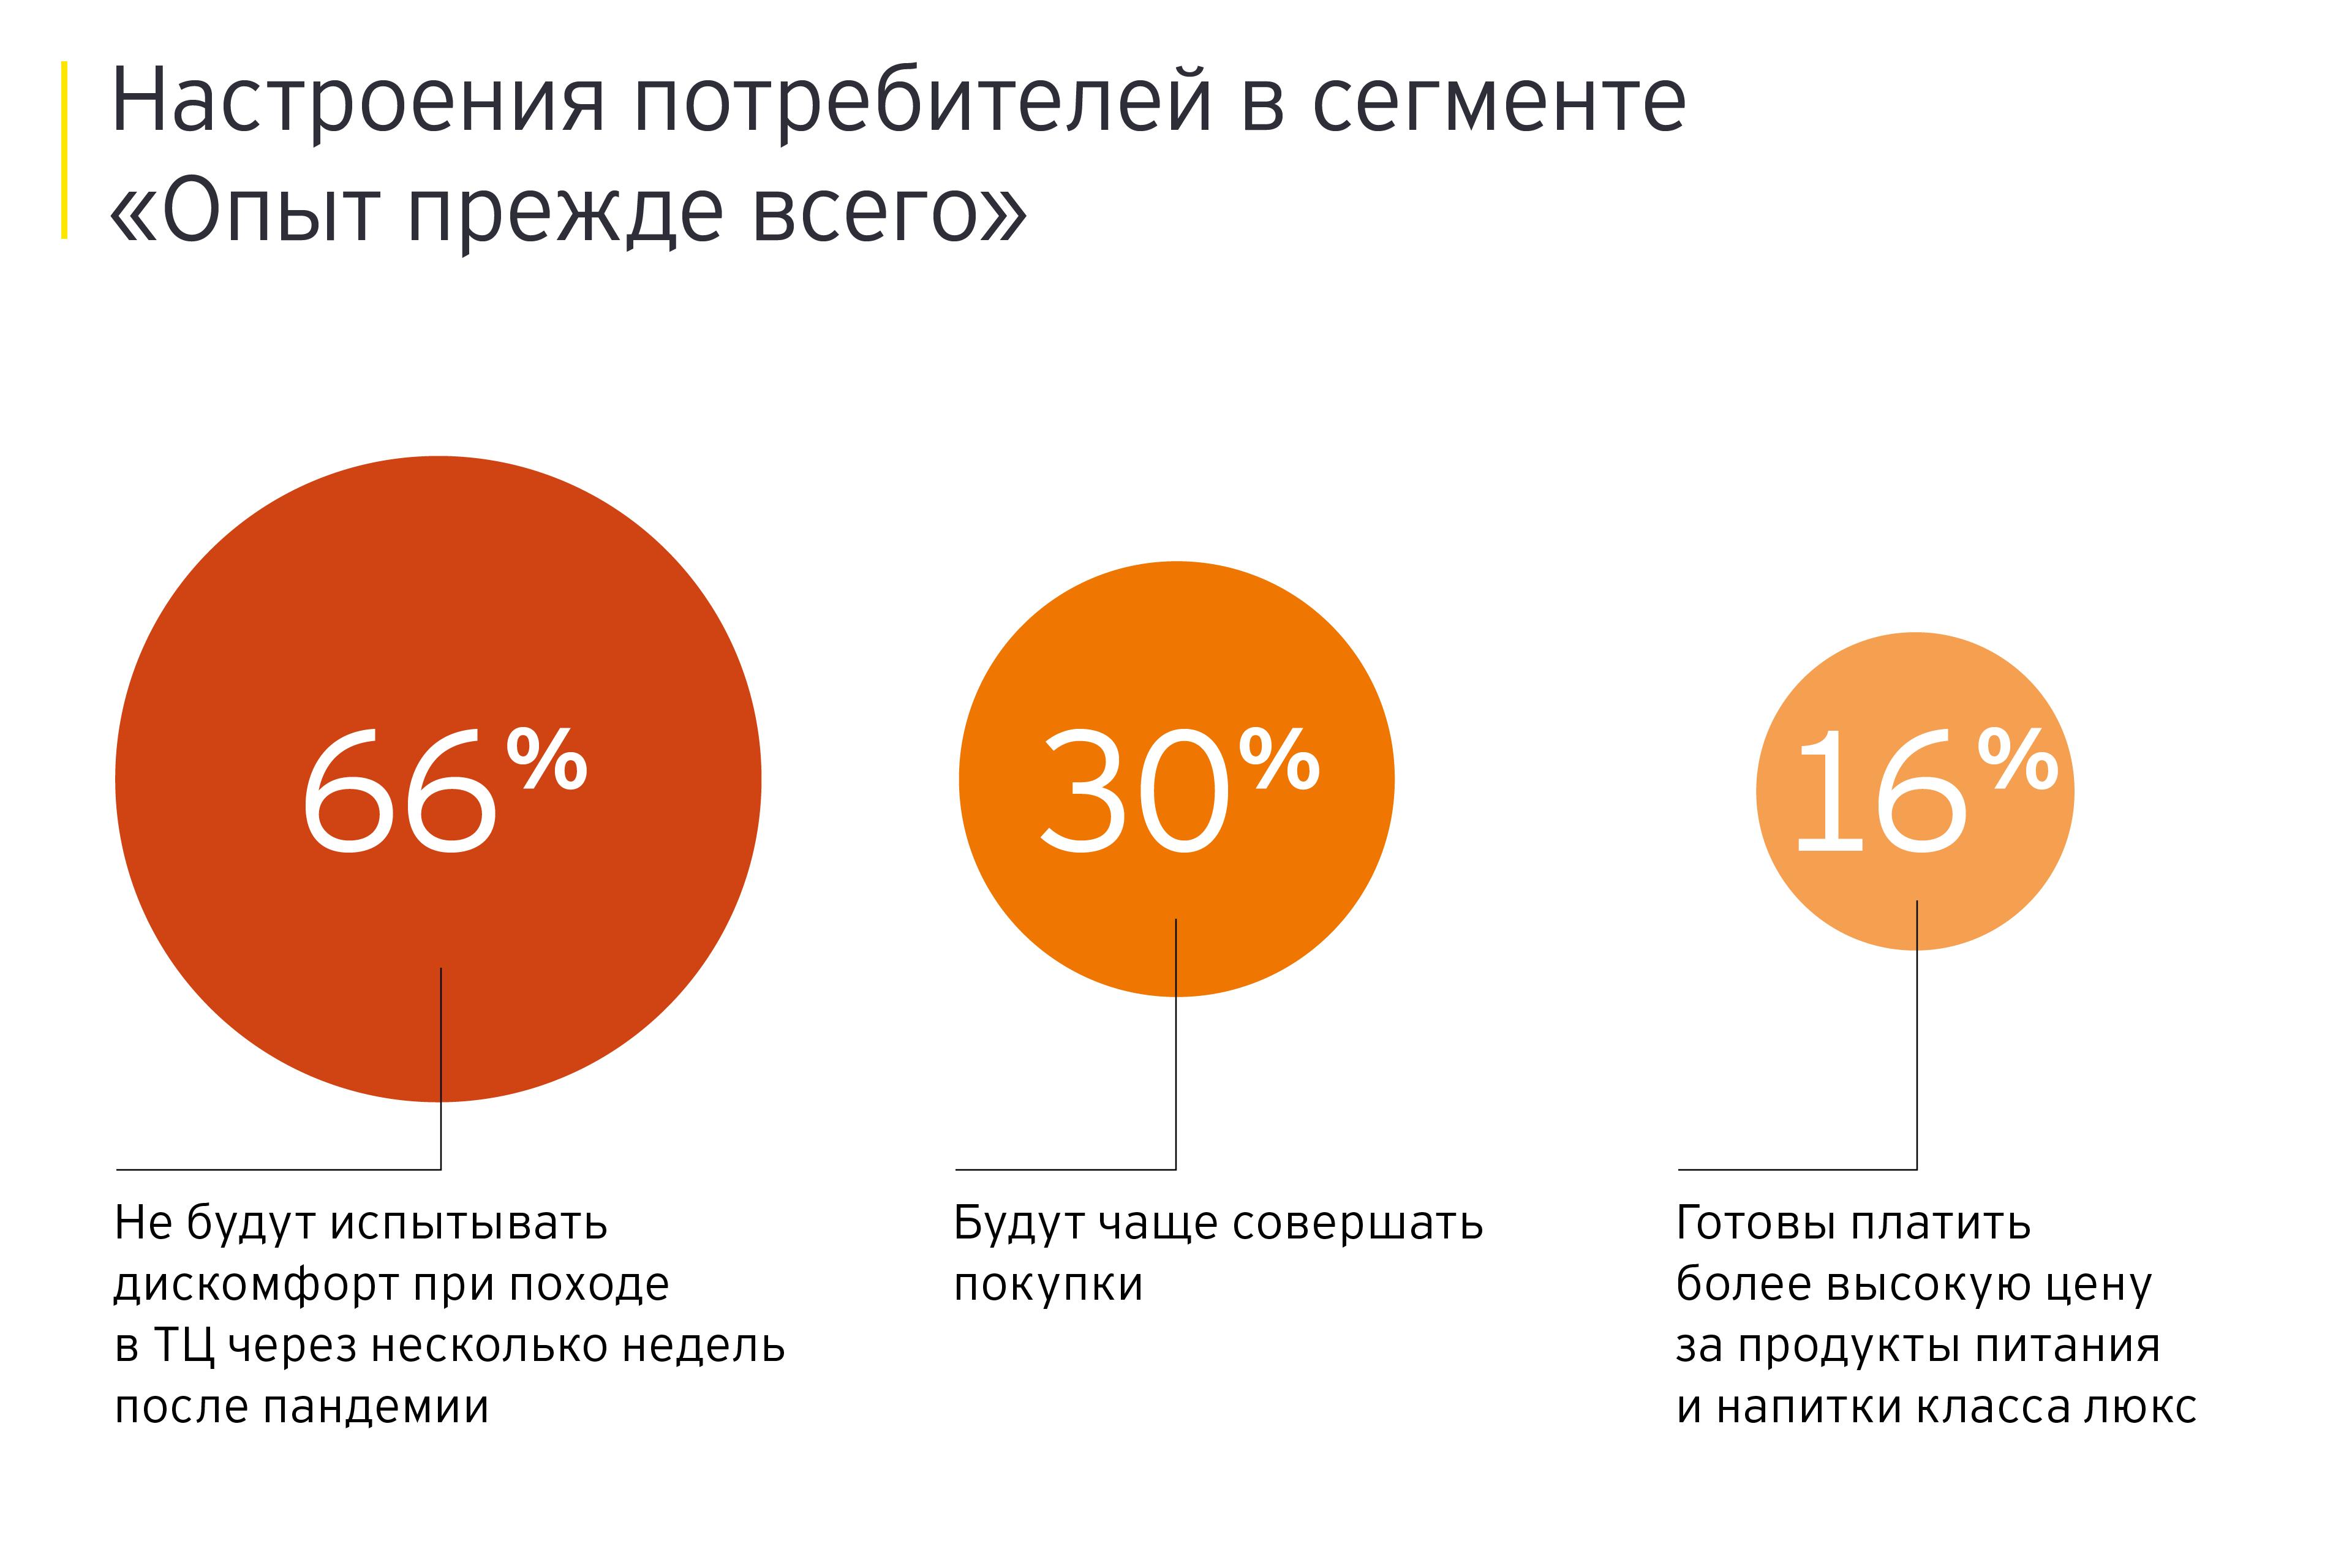 Настроения потребителей в сегменте «Опыт прежде всего»